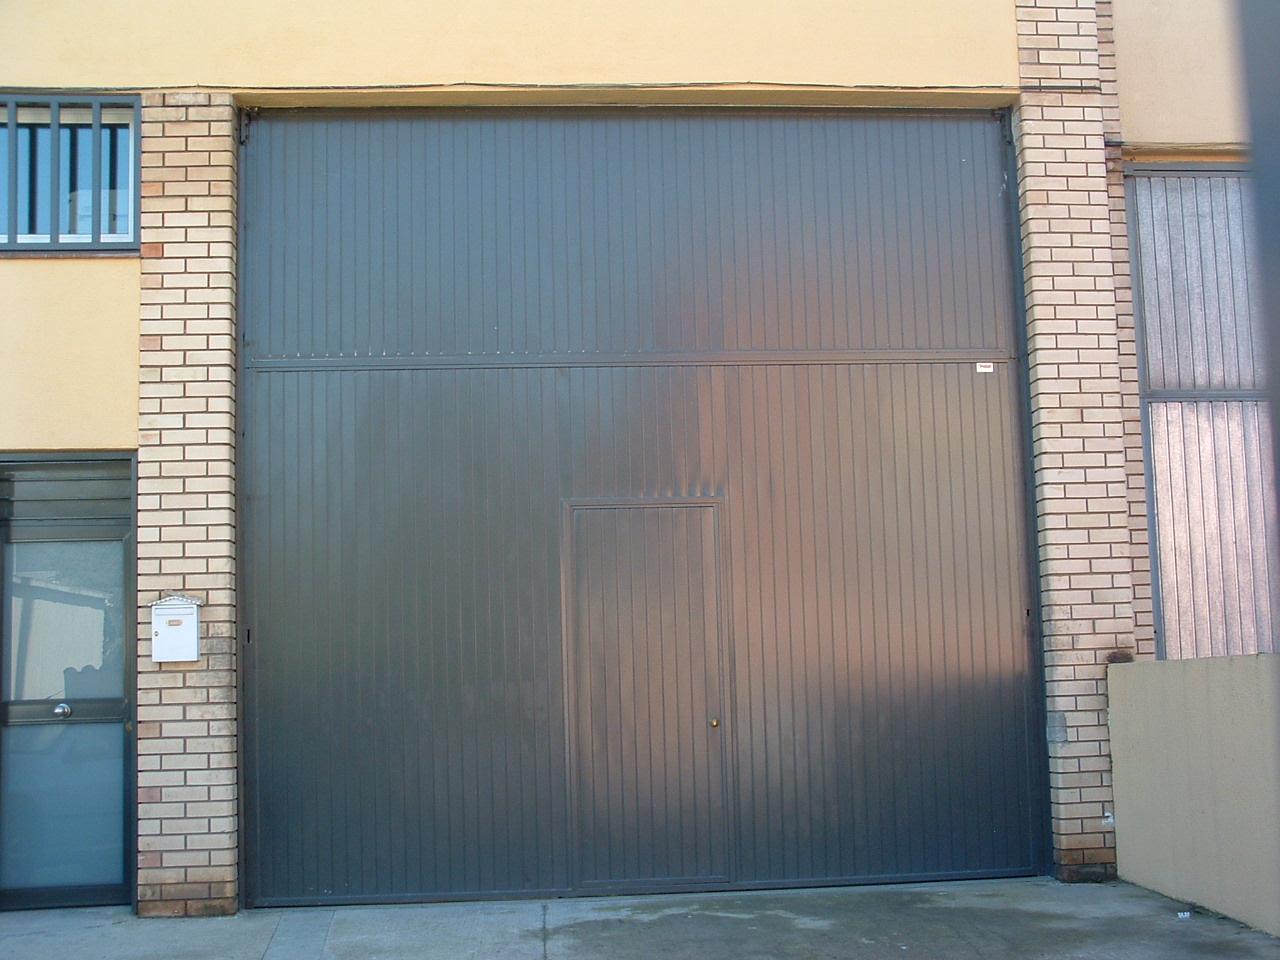 Jl padial cerrajer a de dise o puertas industriales y for Puertas industriales